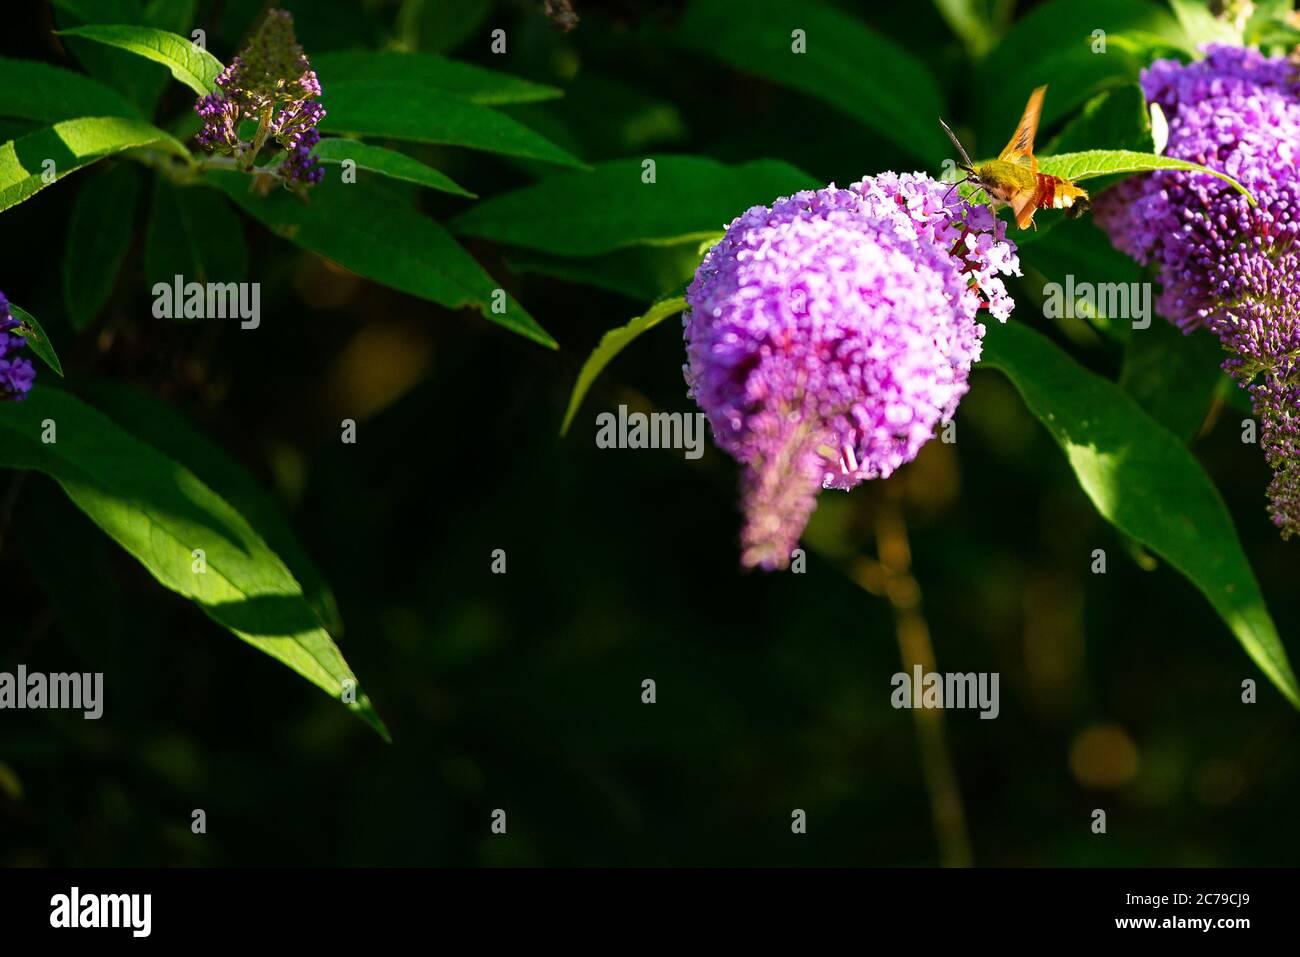 Una abeja de borde ancho halcón-polilla bebe néctar de una flor en un jardín Foto de stock